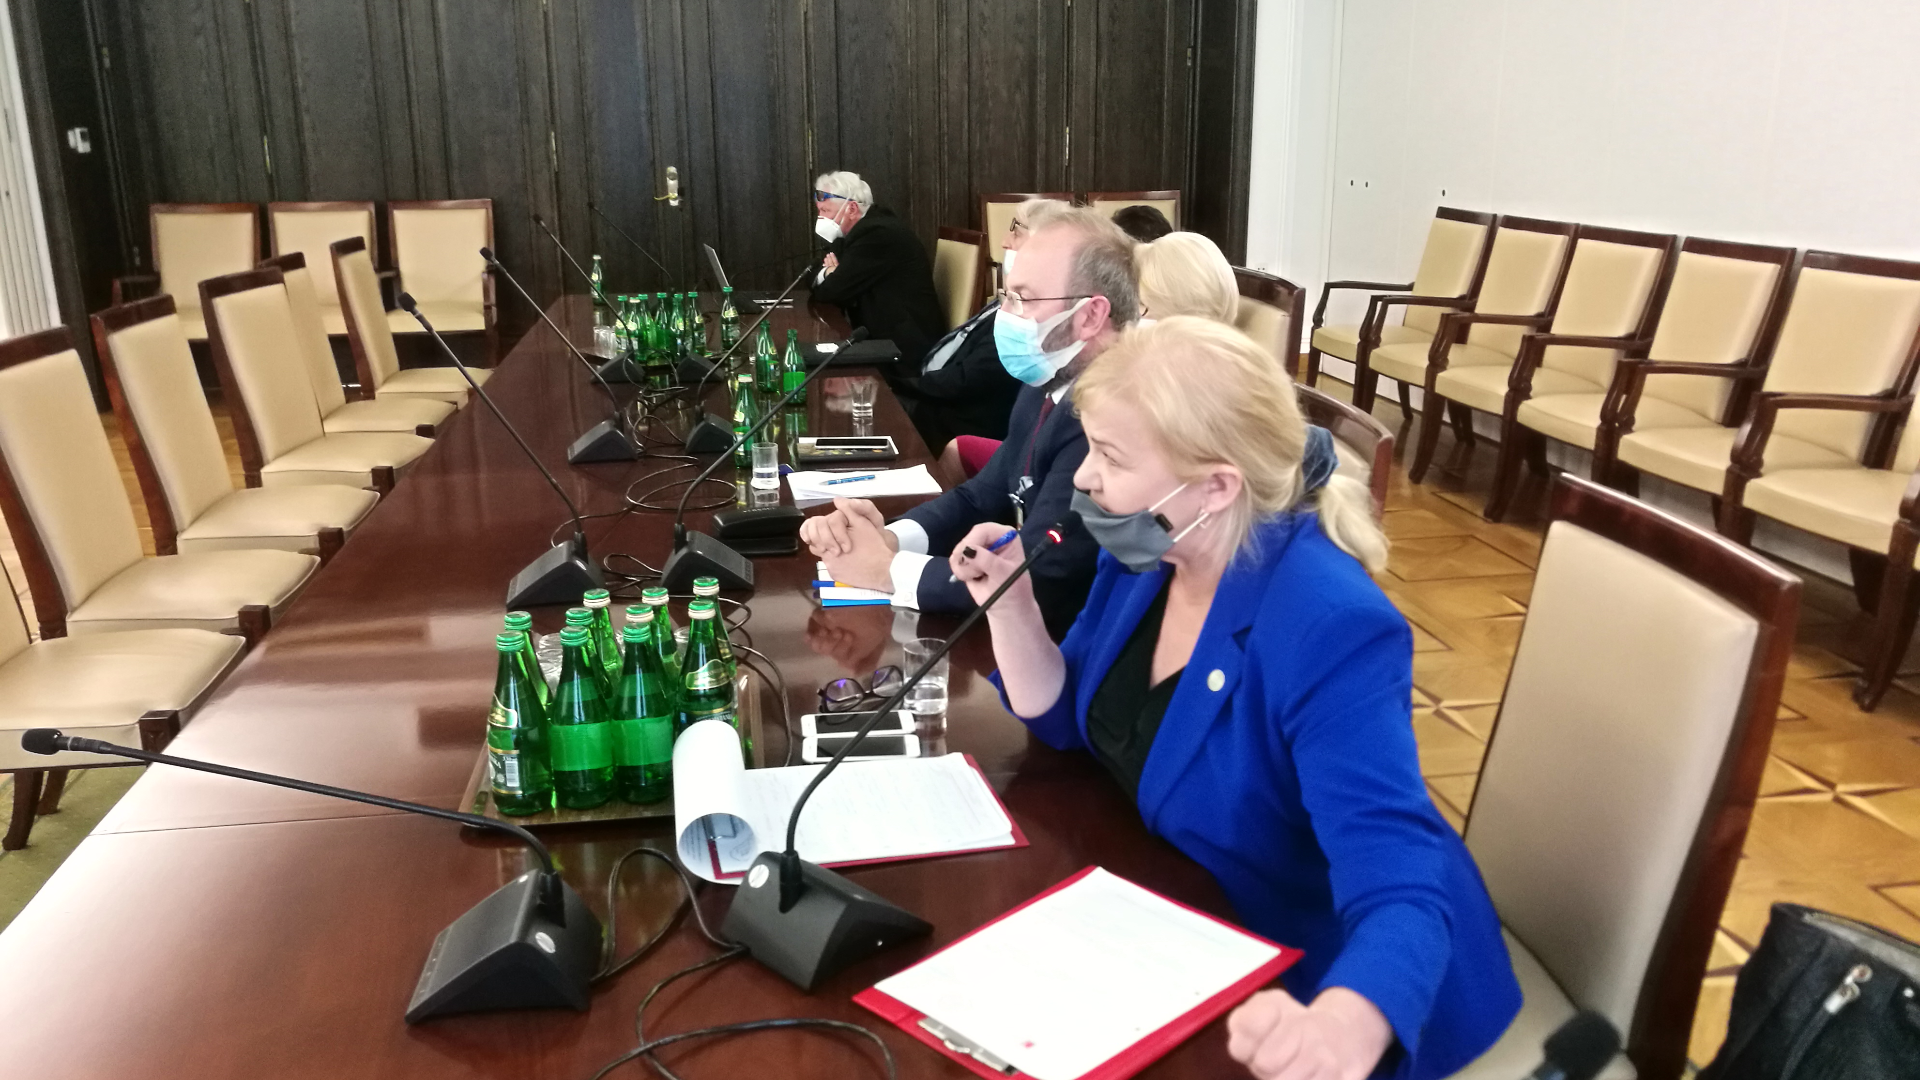 1 czerwca br. prezes Krajowej Rady Diagnostów Laboratoryjnych Alina Niewiadomska uczestniczyła w Senackiej Komisji Zdrowia dotyczącej funkcjonowania systemu ochrony zdrowia podczas pandemii COVID-19.